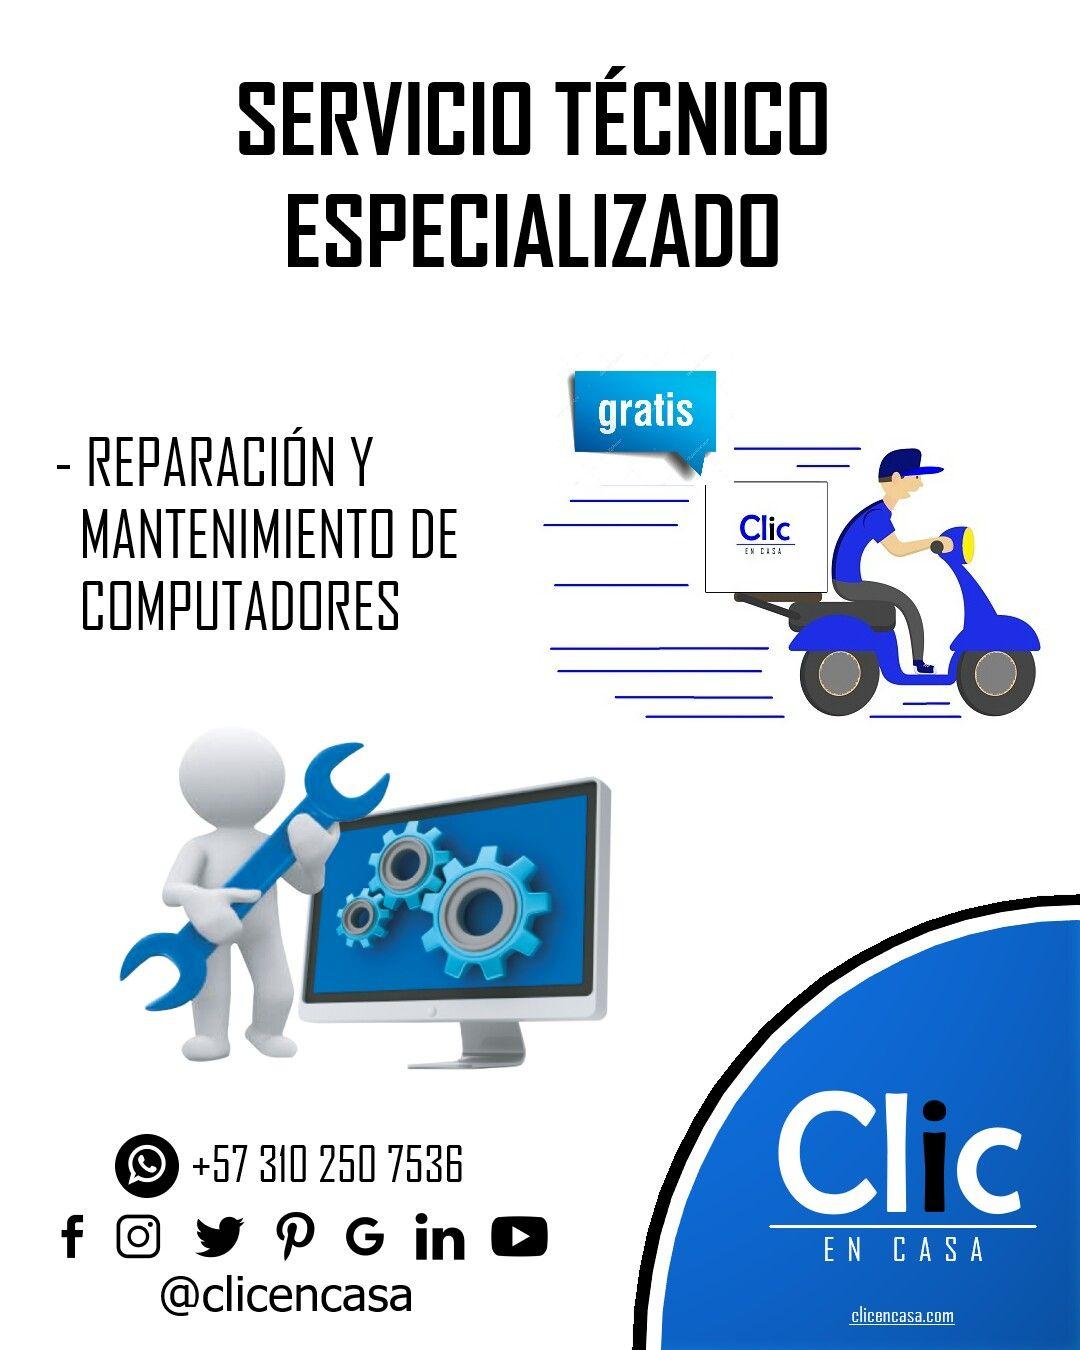 Servicio Tecnico Especializado Reparacion Y Mantenimiento De